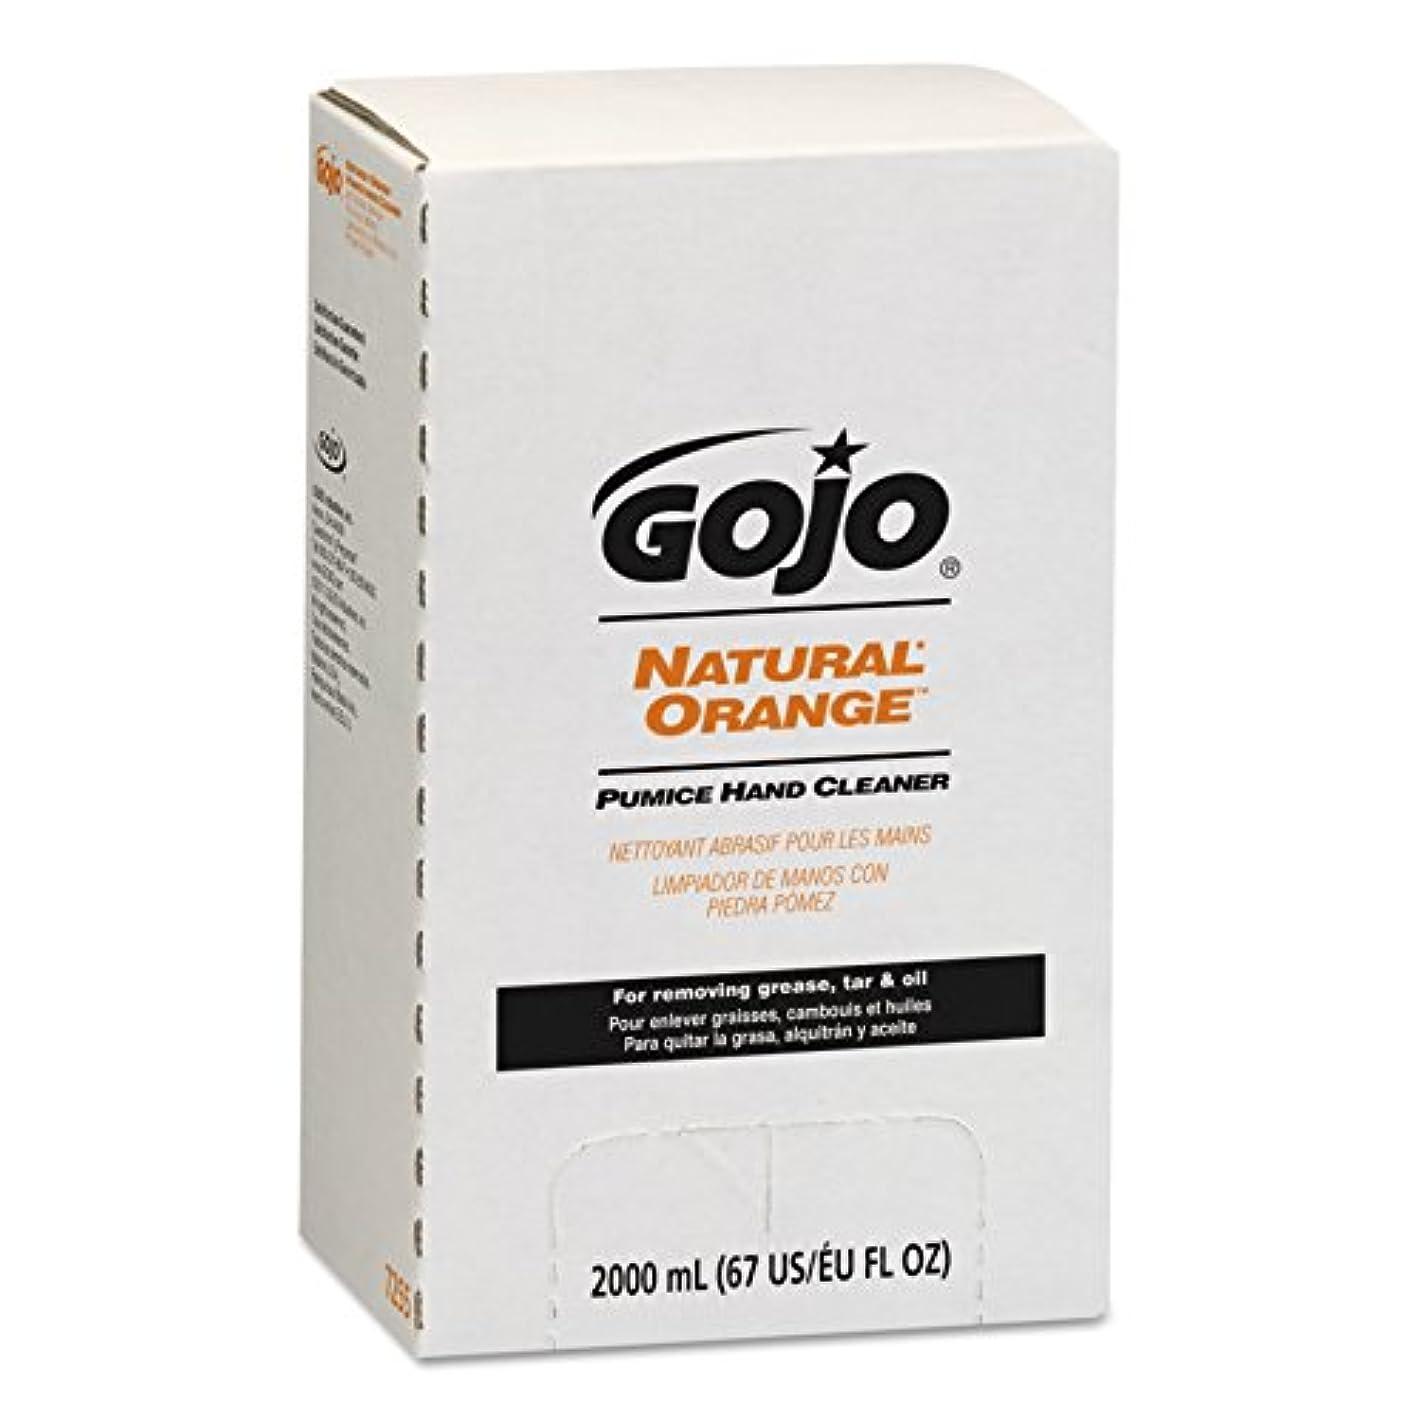 神秘委員長接触NATURAL ORANGE Pumice Hand Cleaner Refill, Citrus Scent, 2000 mL, 4/Carton (並行輸入品)